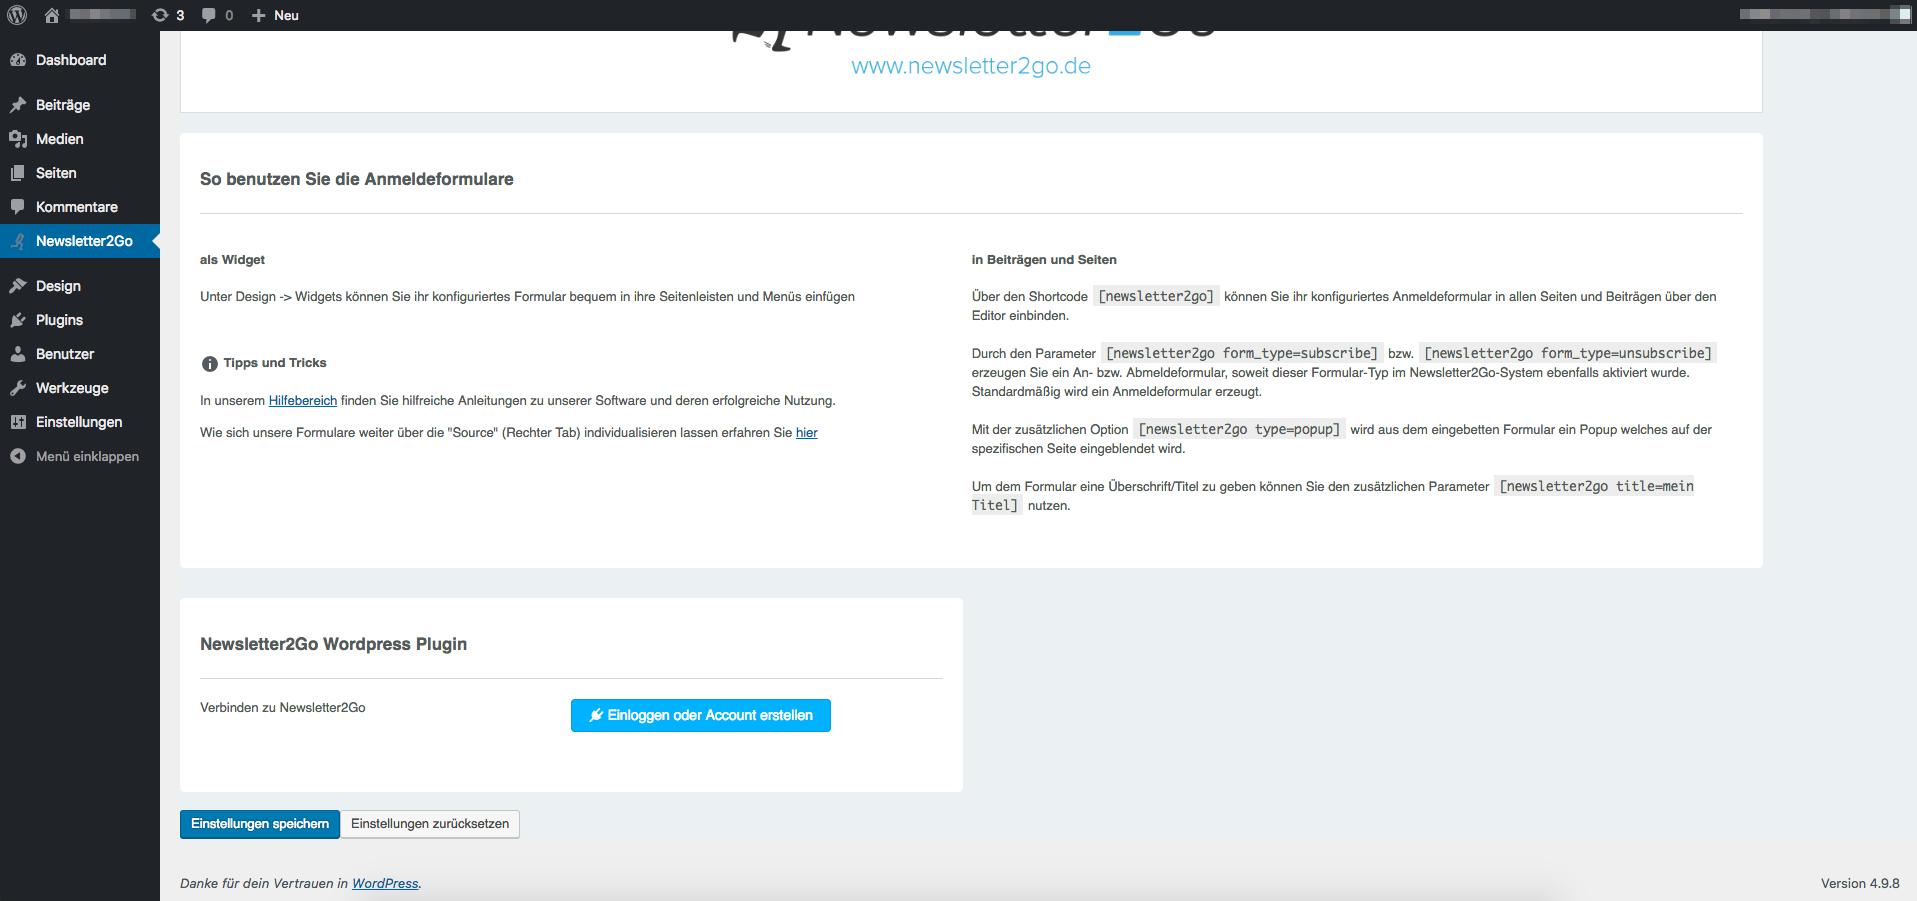 Newsletter2Go API Settings